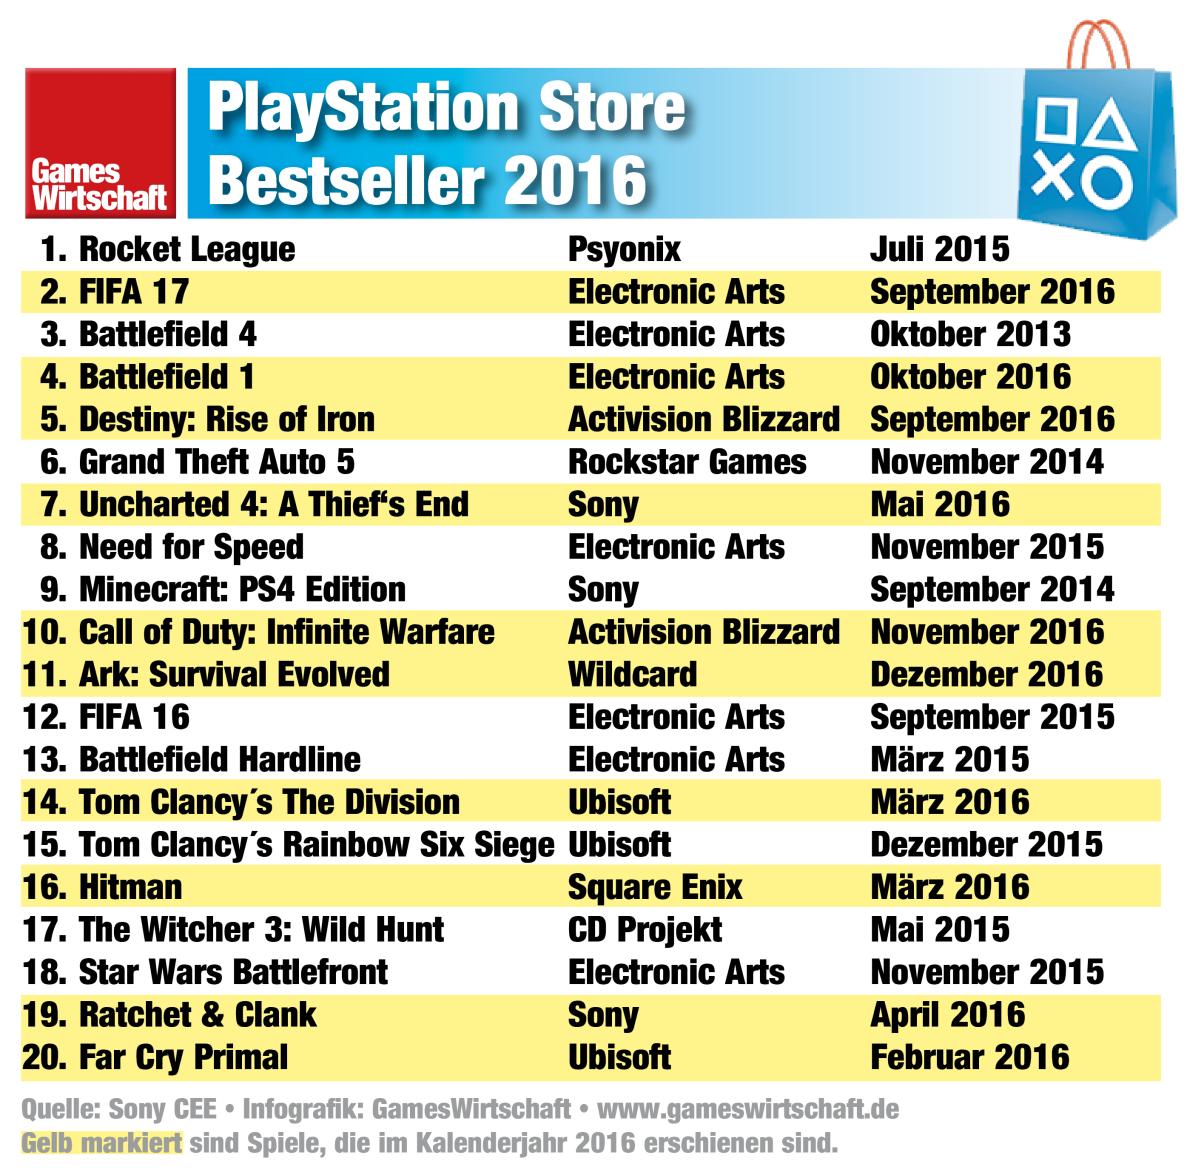 Die 20 meistverkauften Spiele 2016 im PlayStation Store.